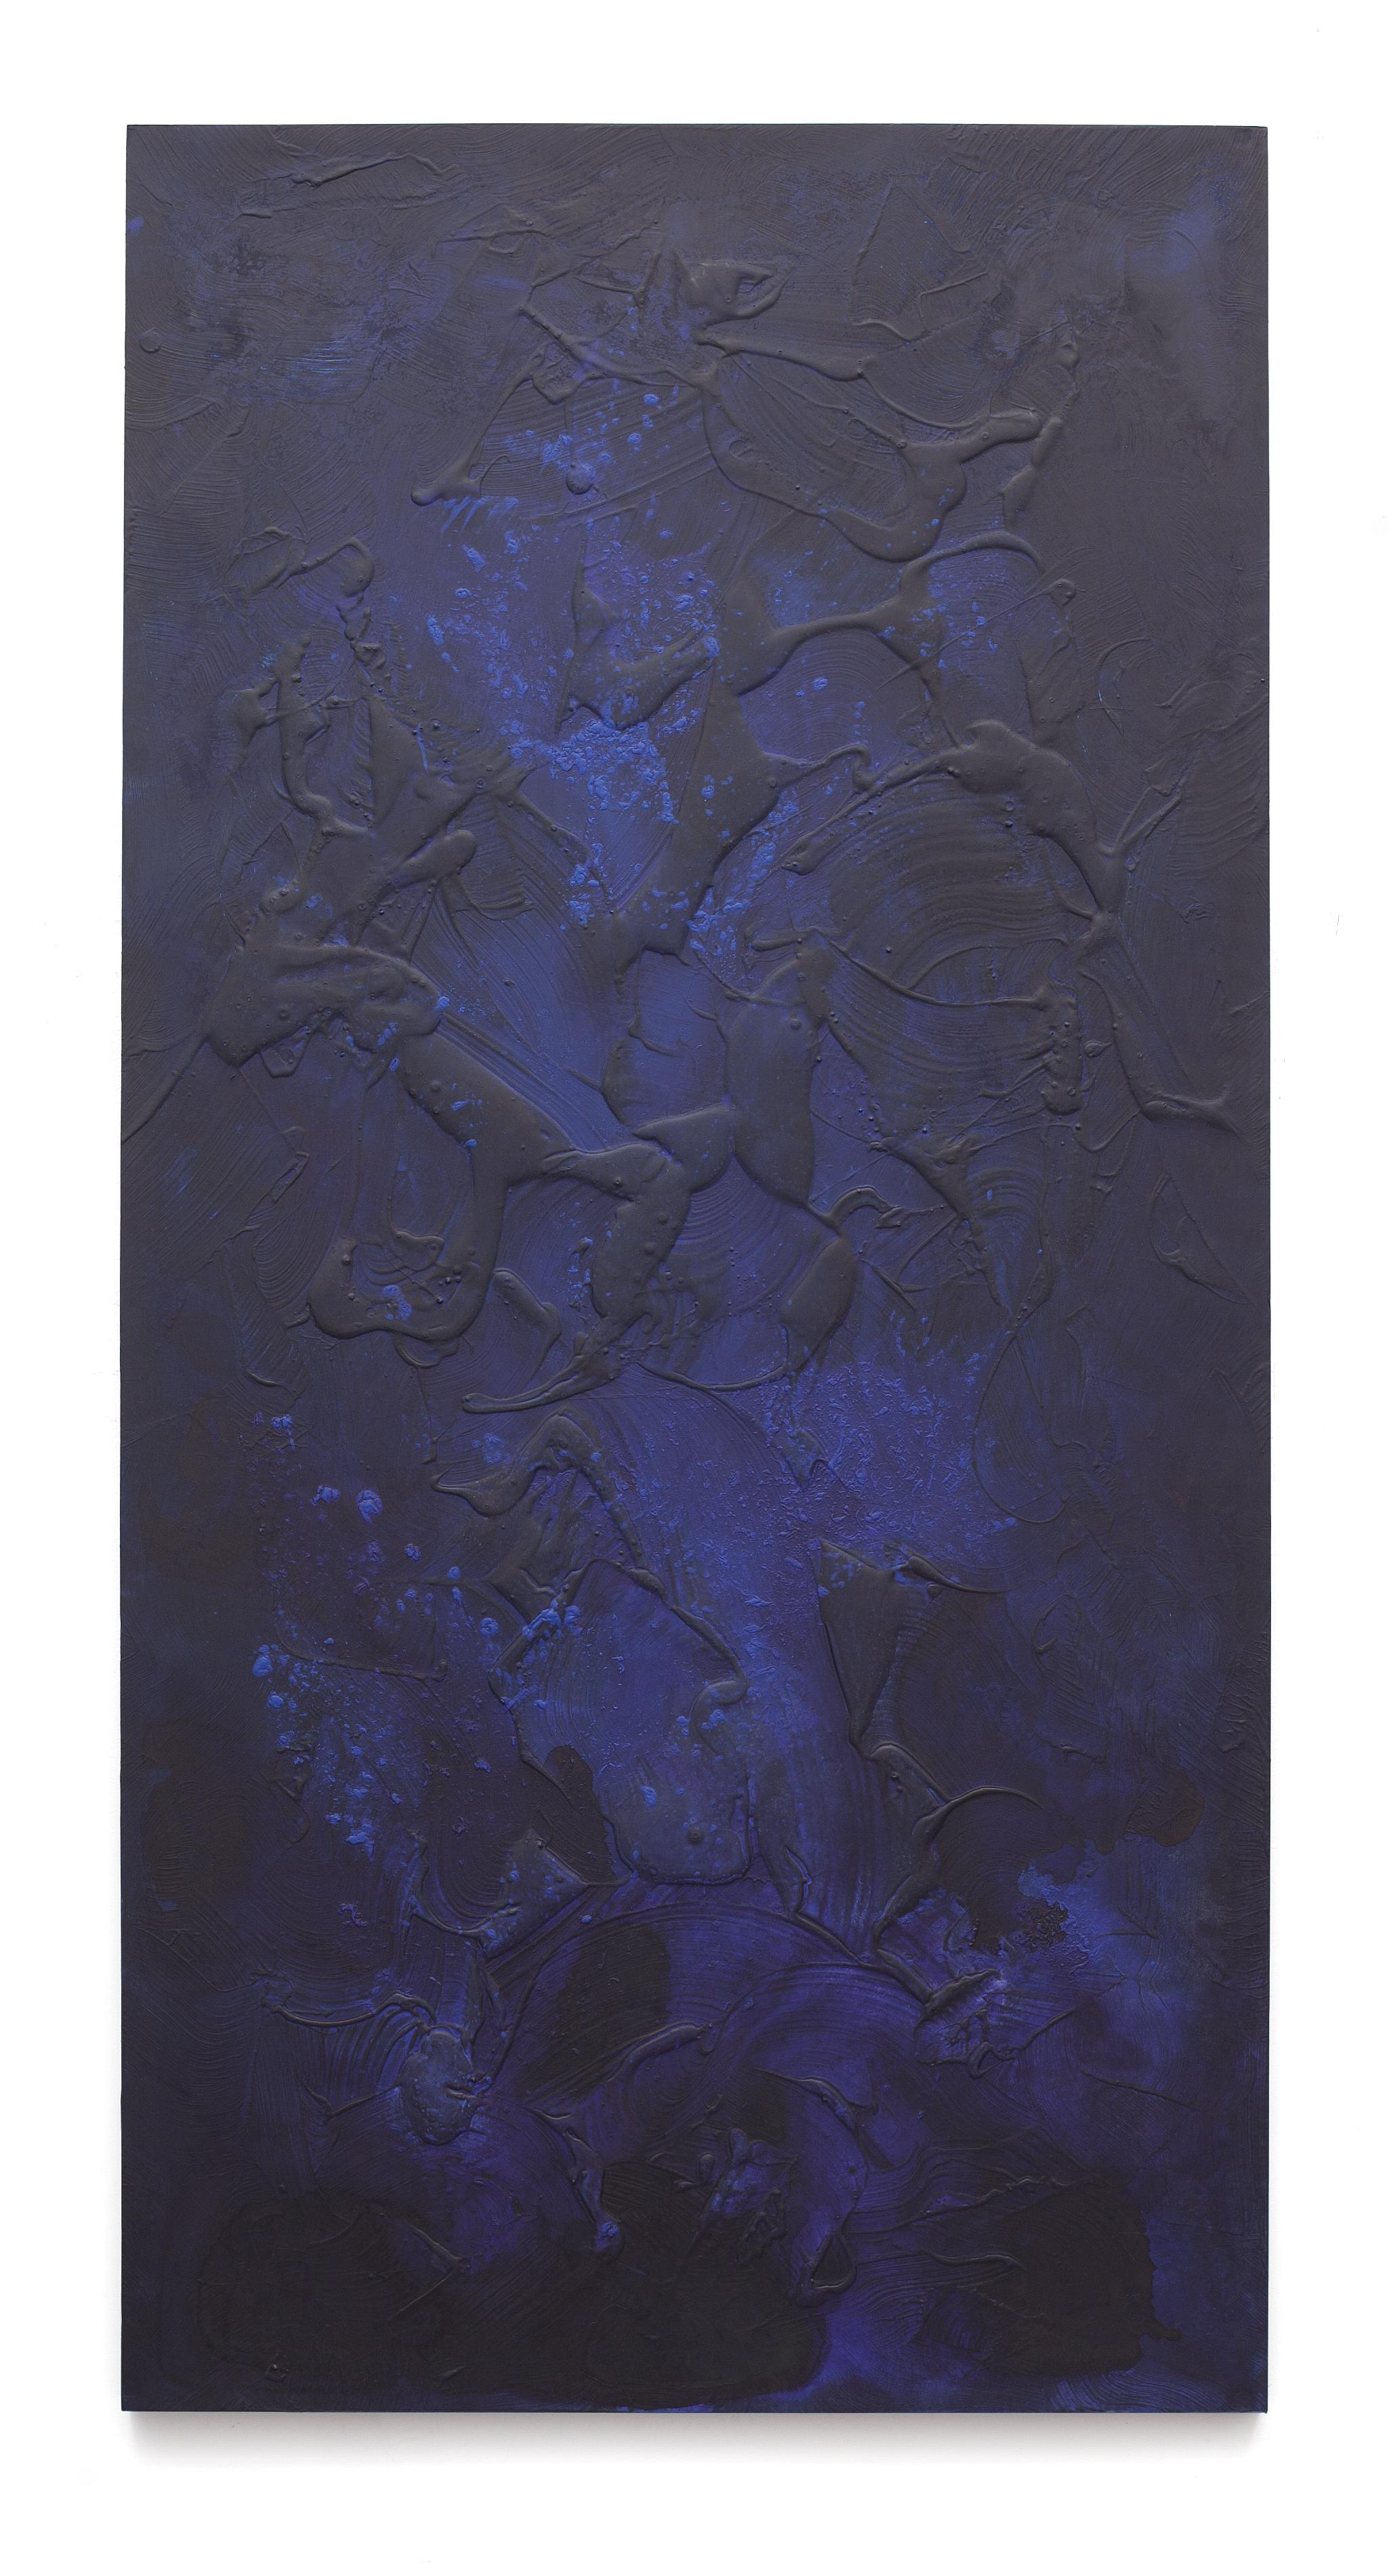 """Untitled (Can't Swim 04), 2018, Acrylic on archival foam board, 96"""" x 48"""""""